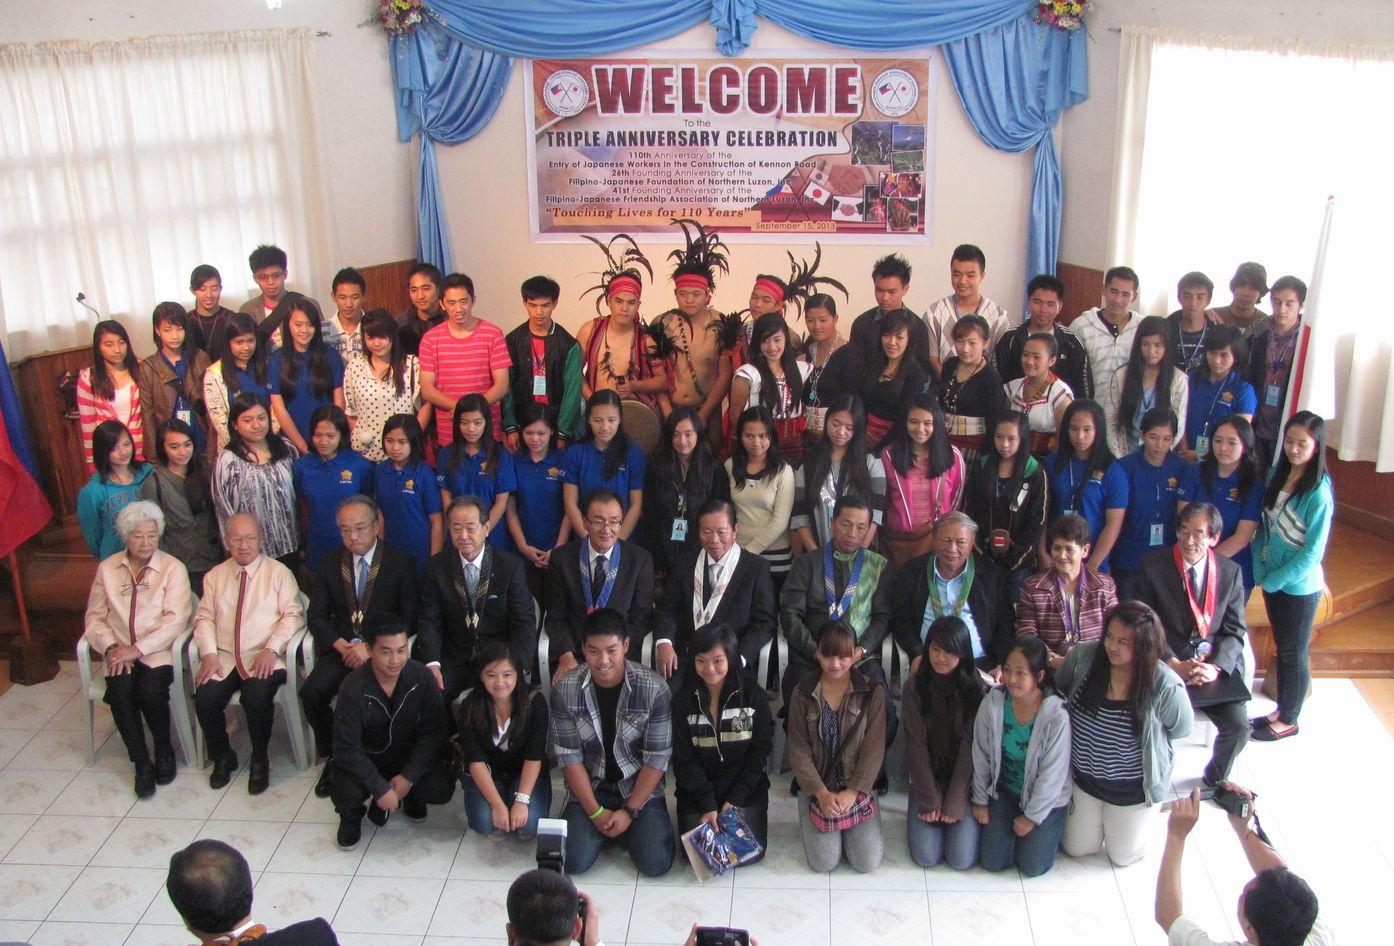 フィリピン・北ルソンの日系人 移民110周年を祝う Triple Anniversary, in Baguio_a0109542_16313765.jpg